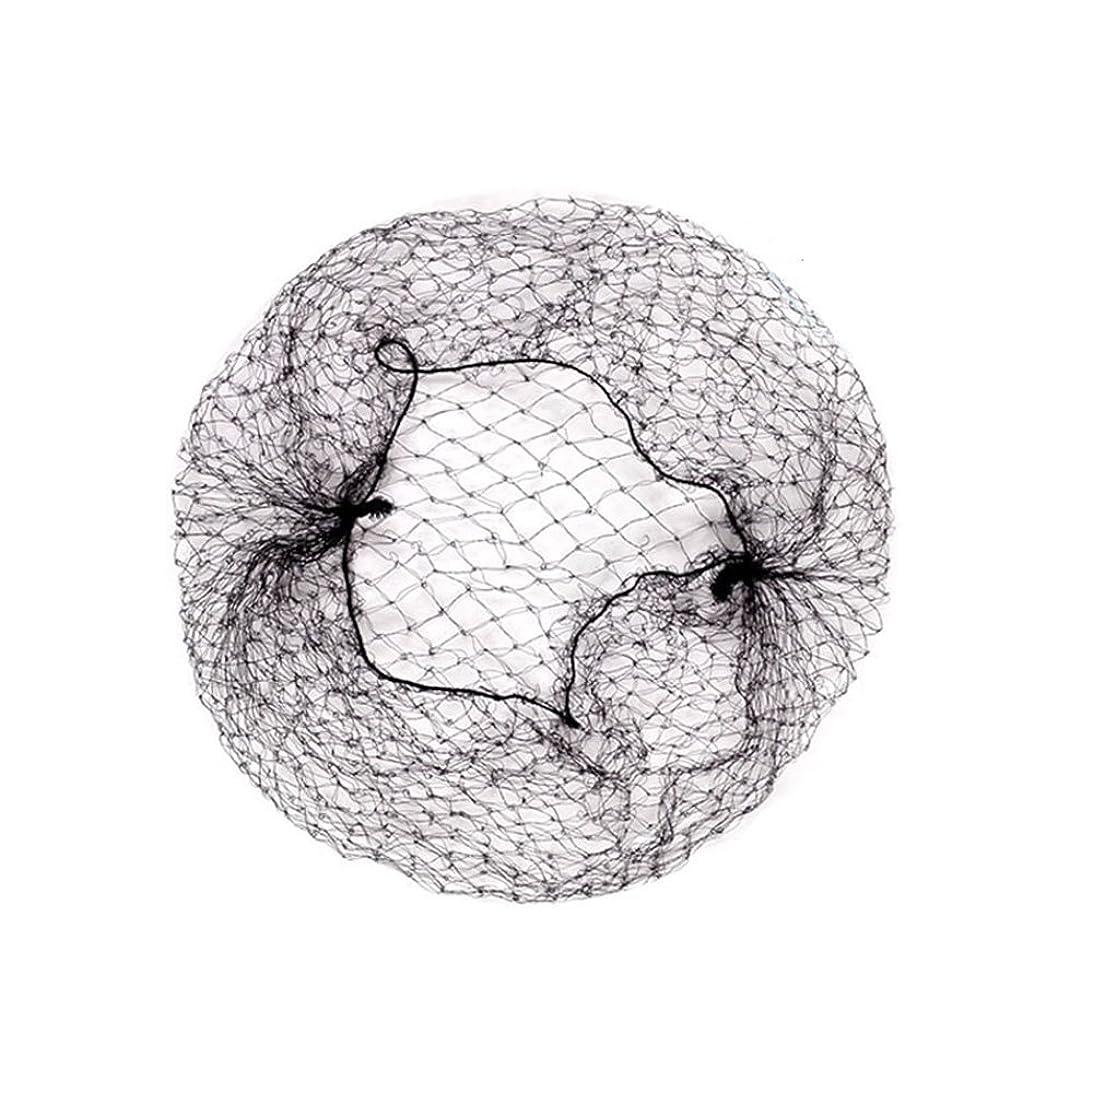 乳製品財産複雑でない髪束ねネットセット(アシアナネット) ファッション小物 60枚セット